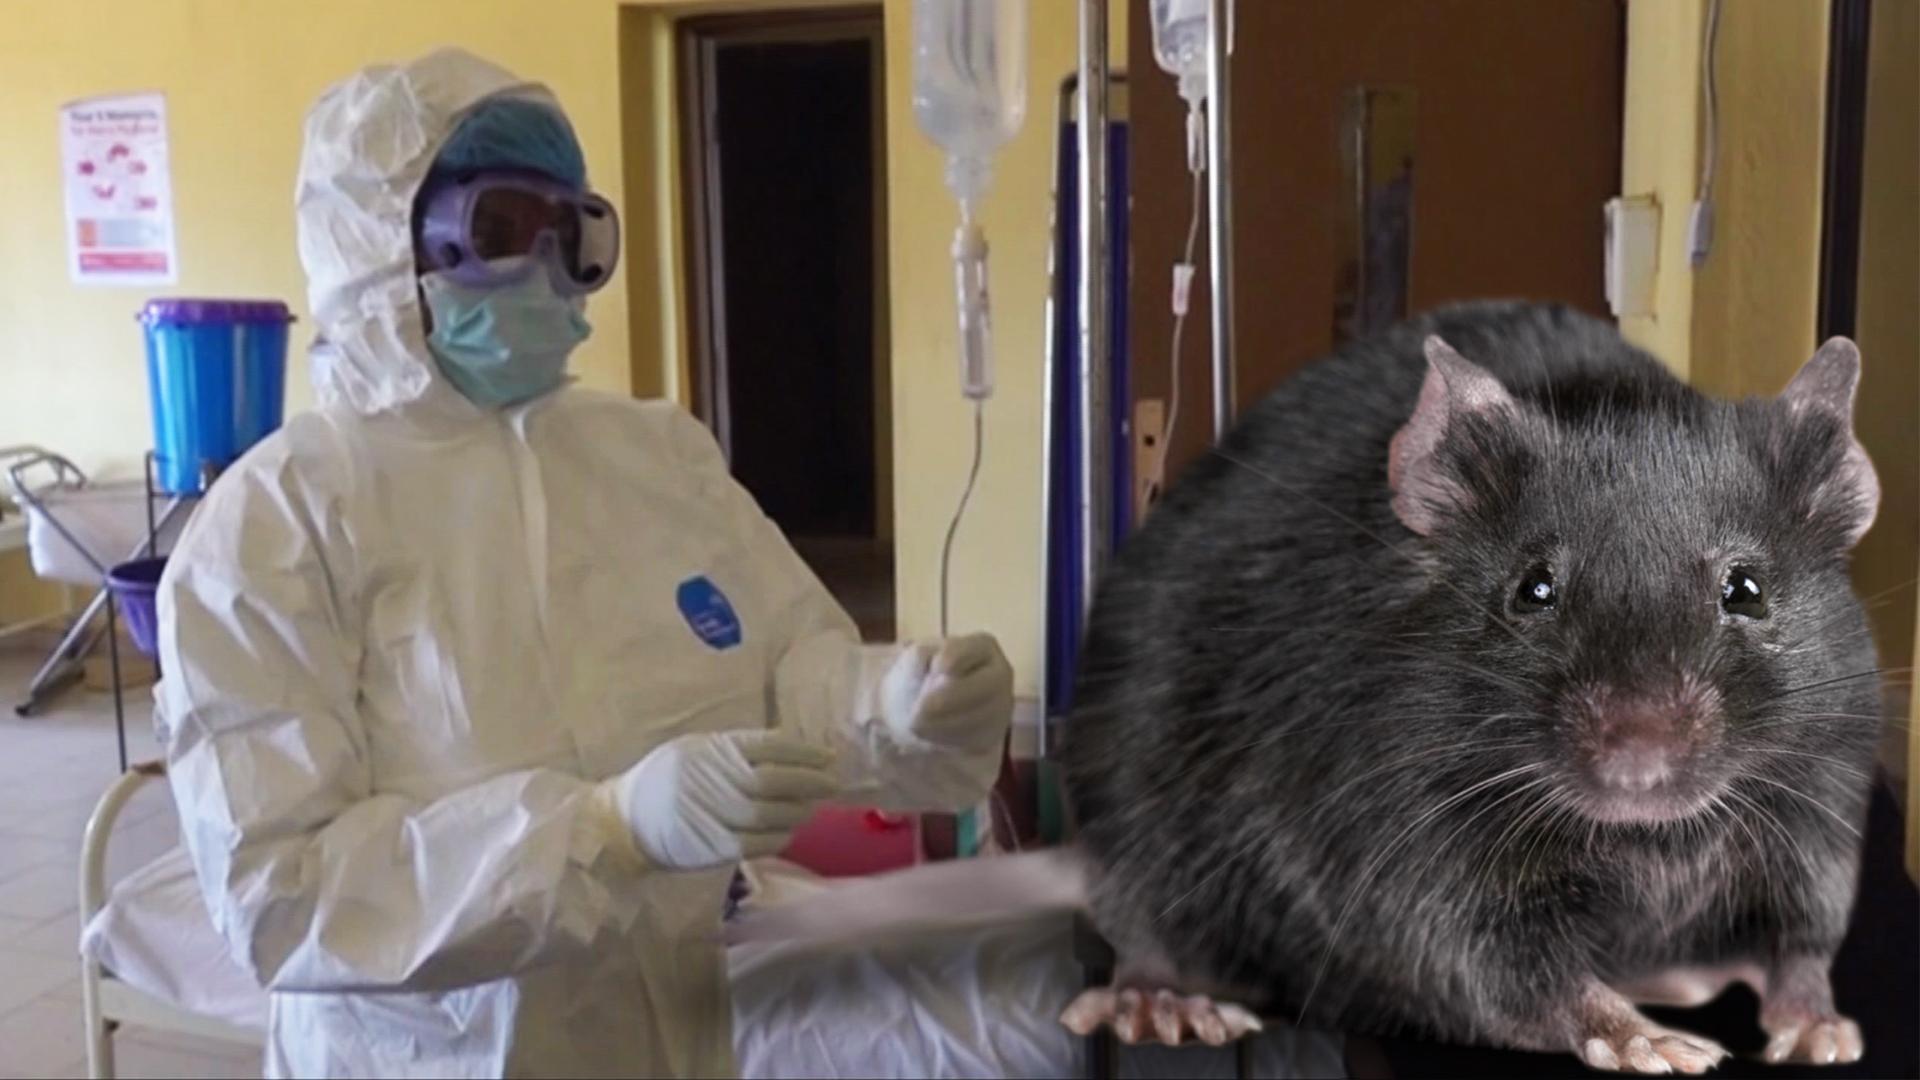 Waspadai wabah lassa, penyakit mematikan yang kini melanda Nigeria